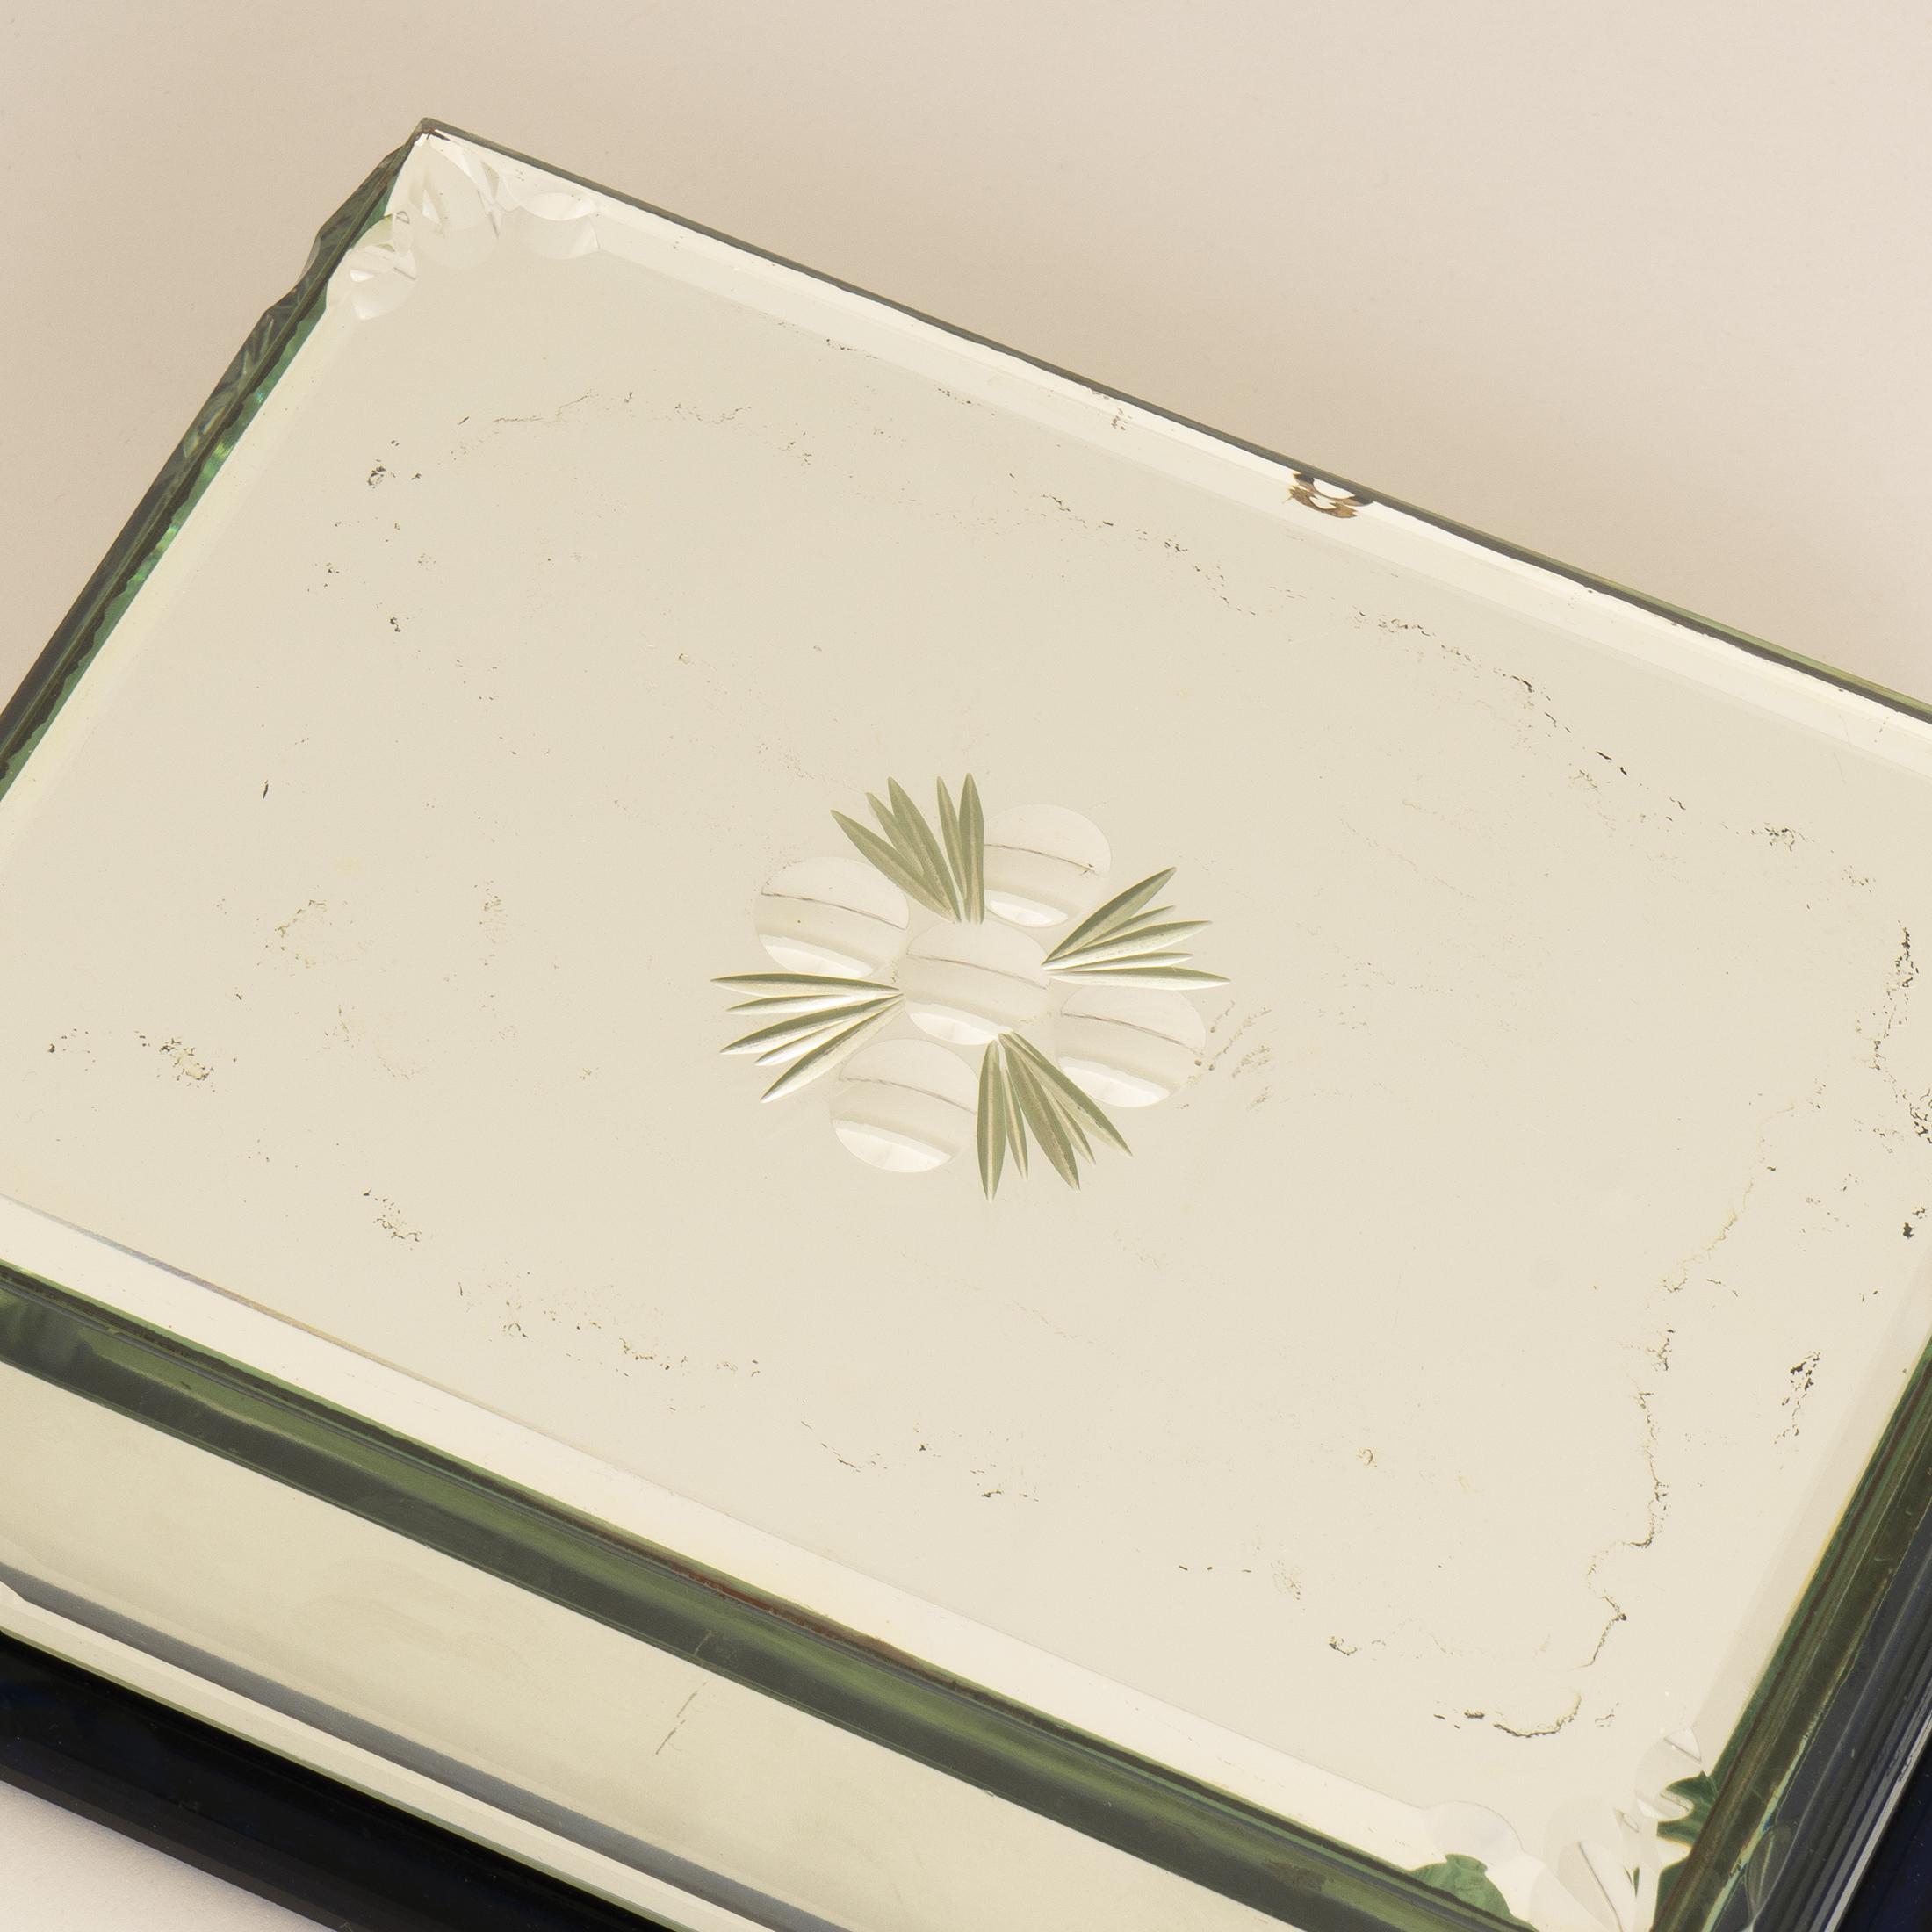 Mirrored Cigarette Box 0288